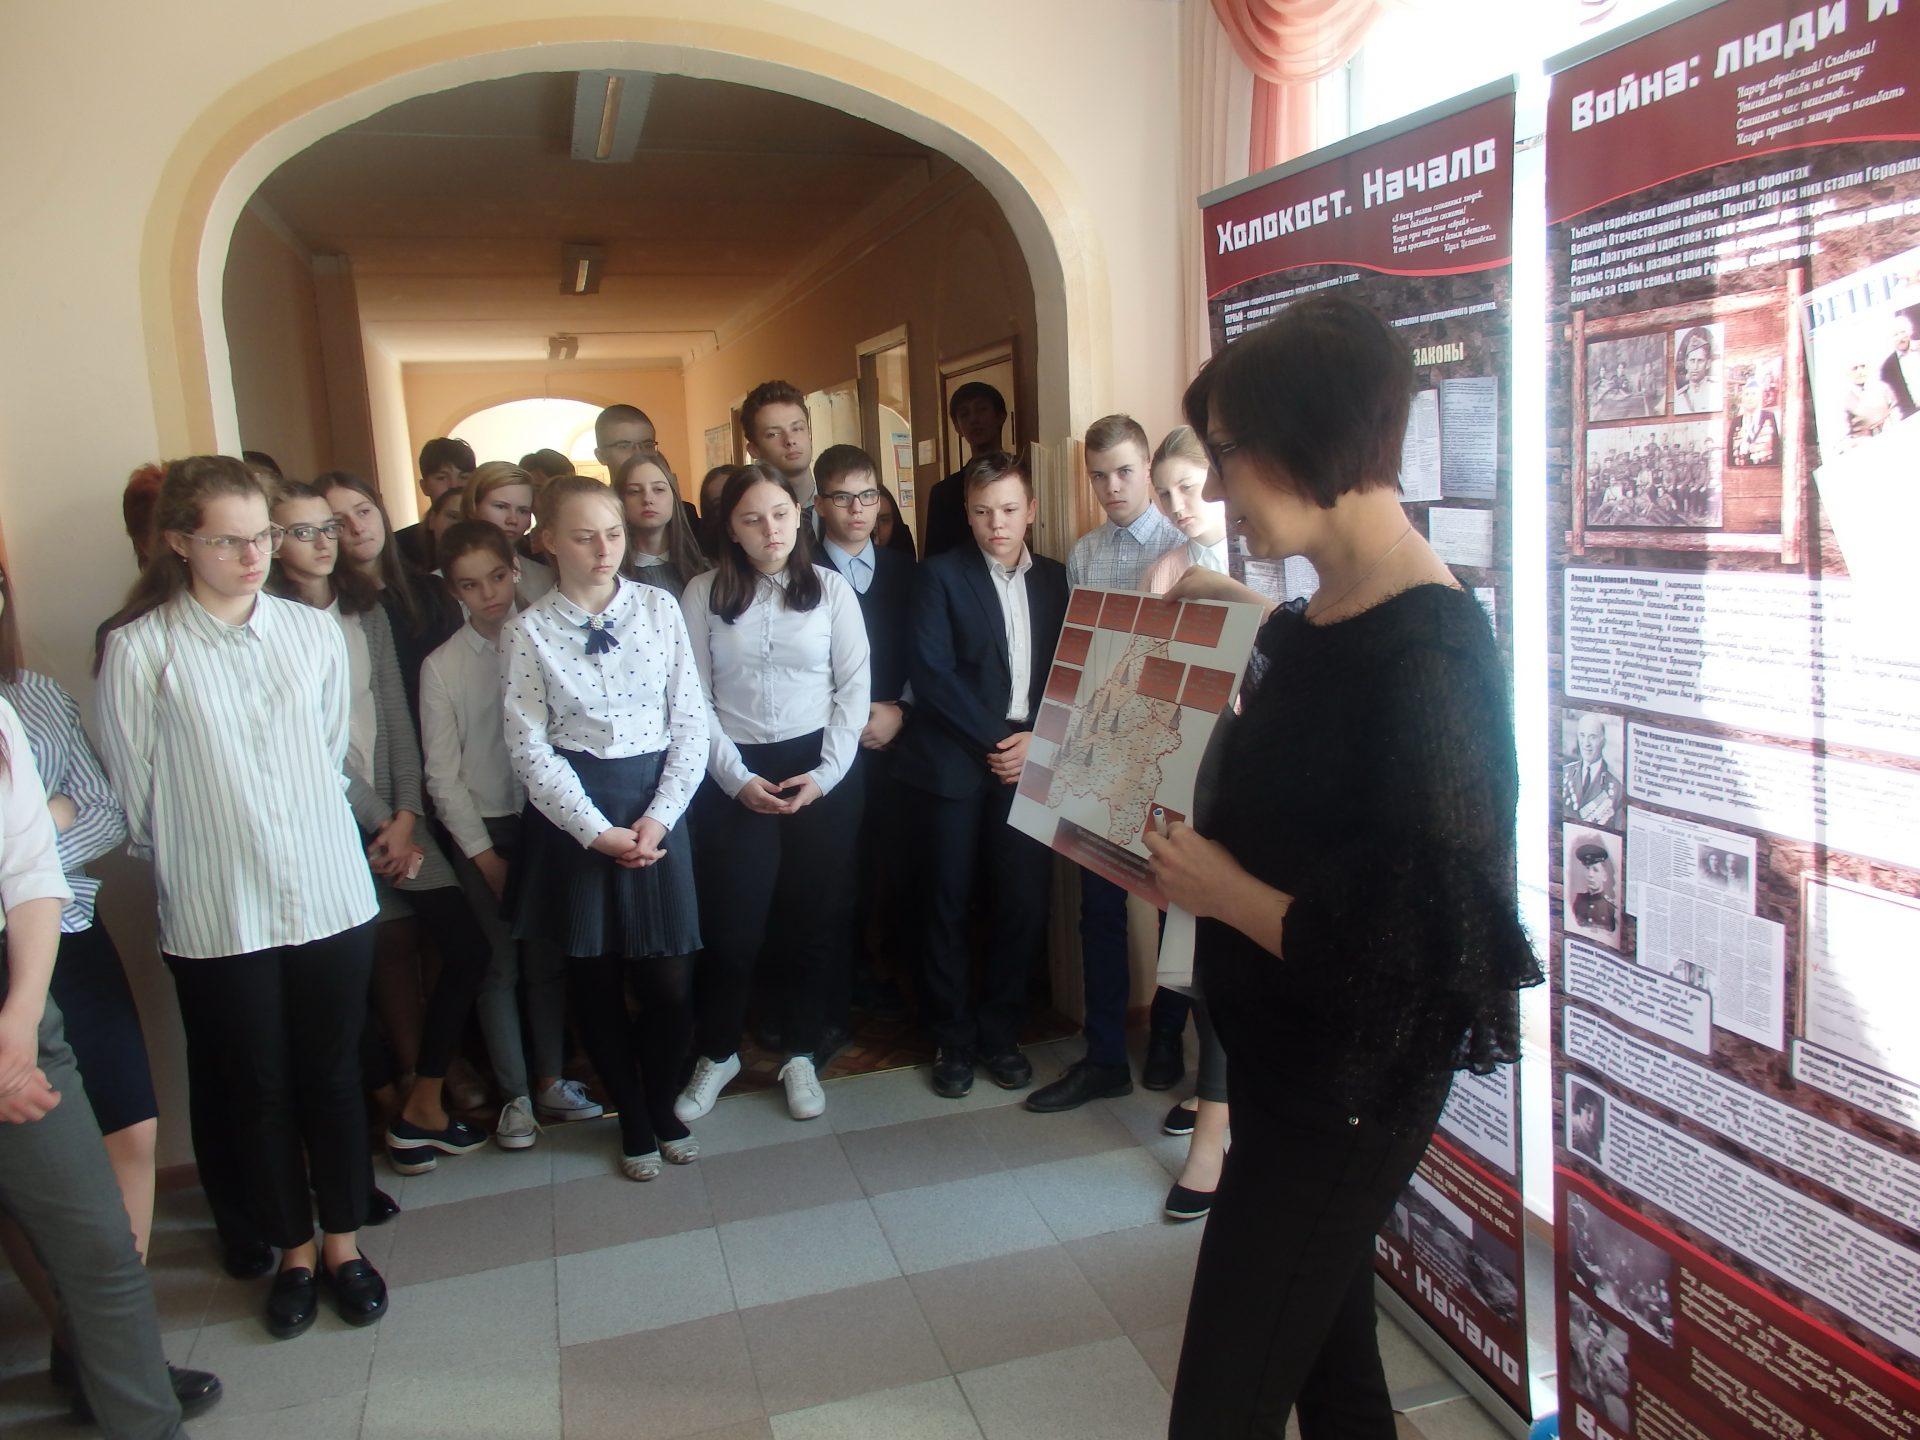 День памяти освобождения узников нацистских концлагерей в Брянске